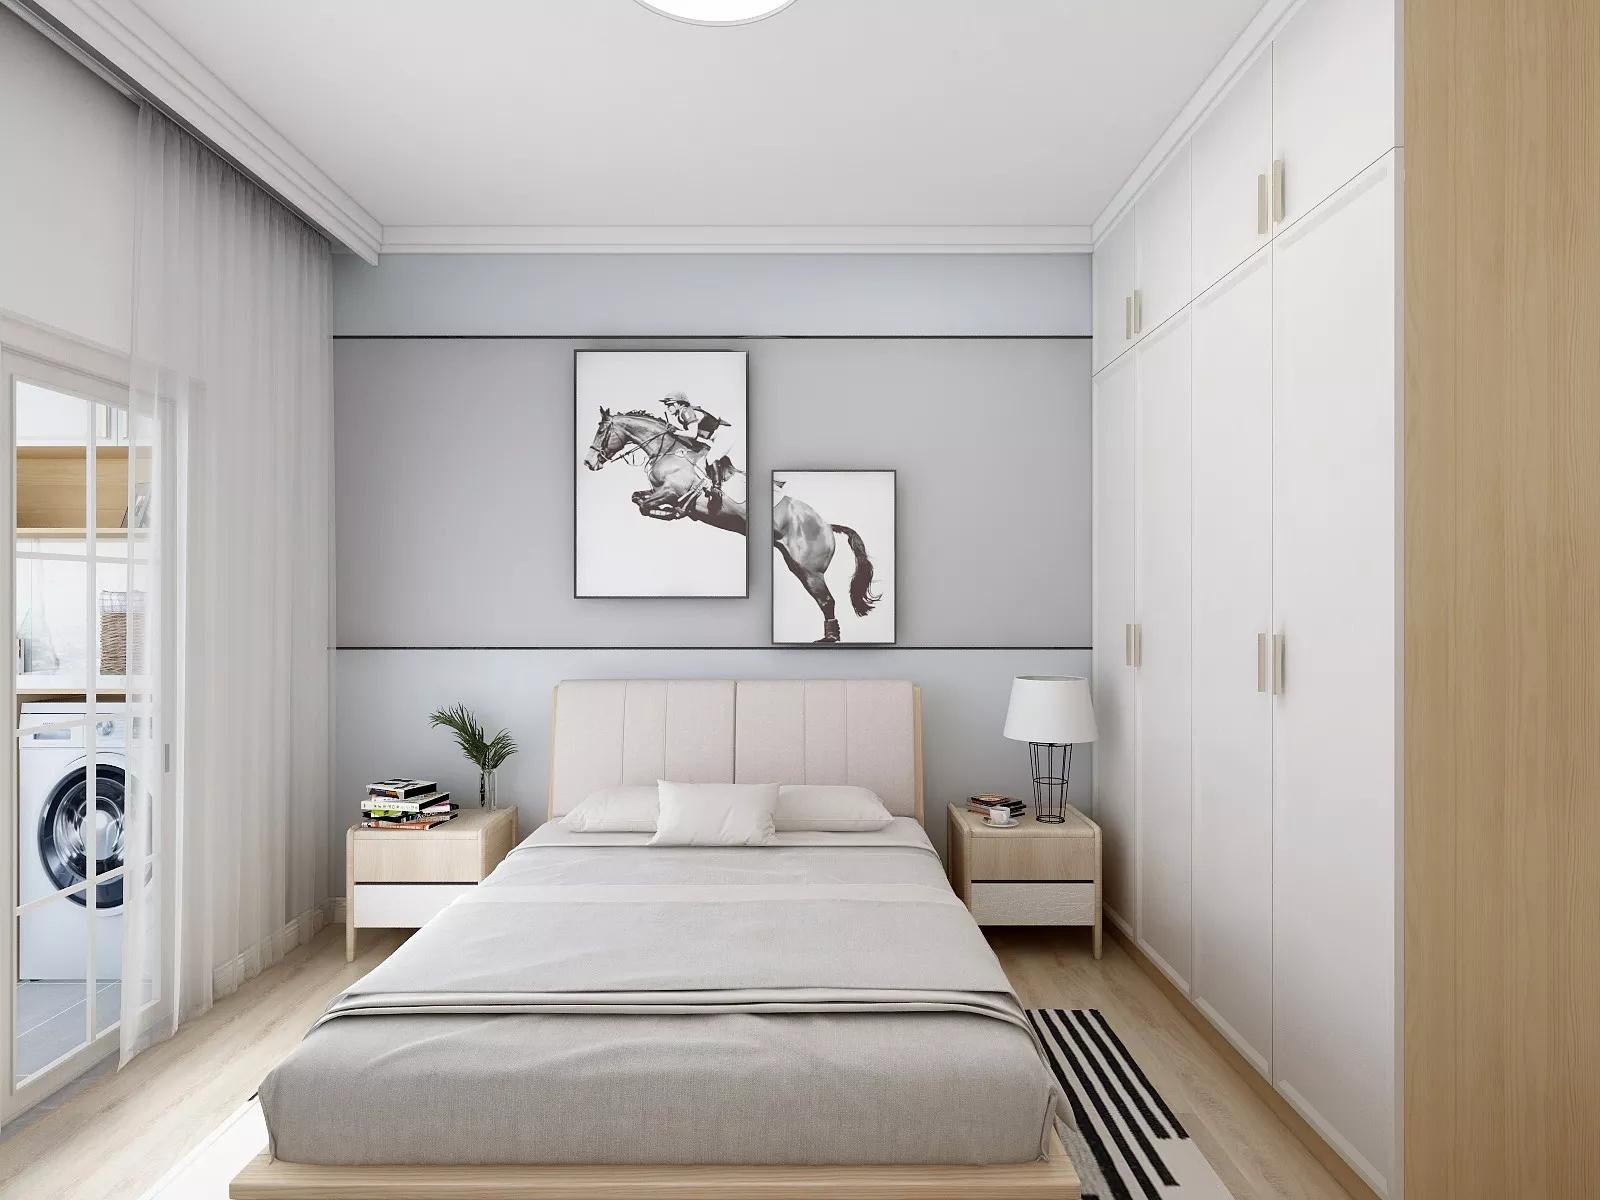 时尚个性简约宜家开放式公寓装修设计效果图